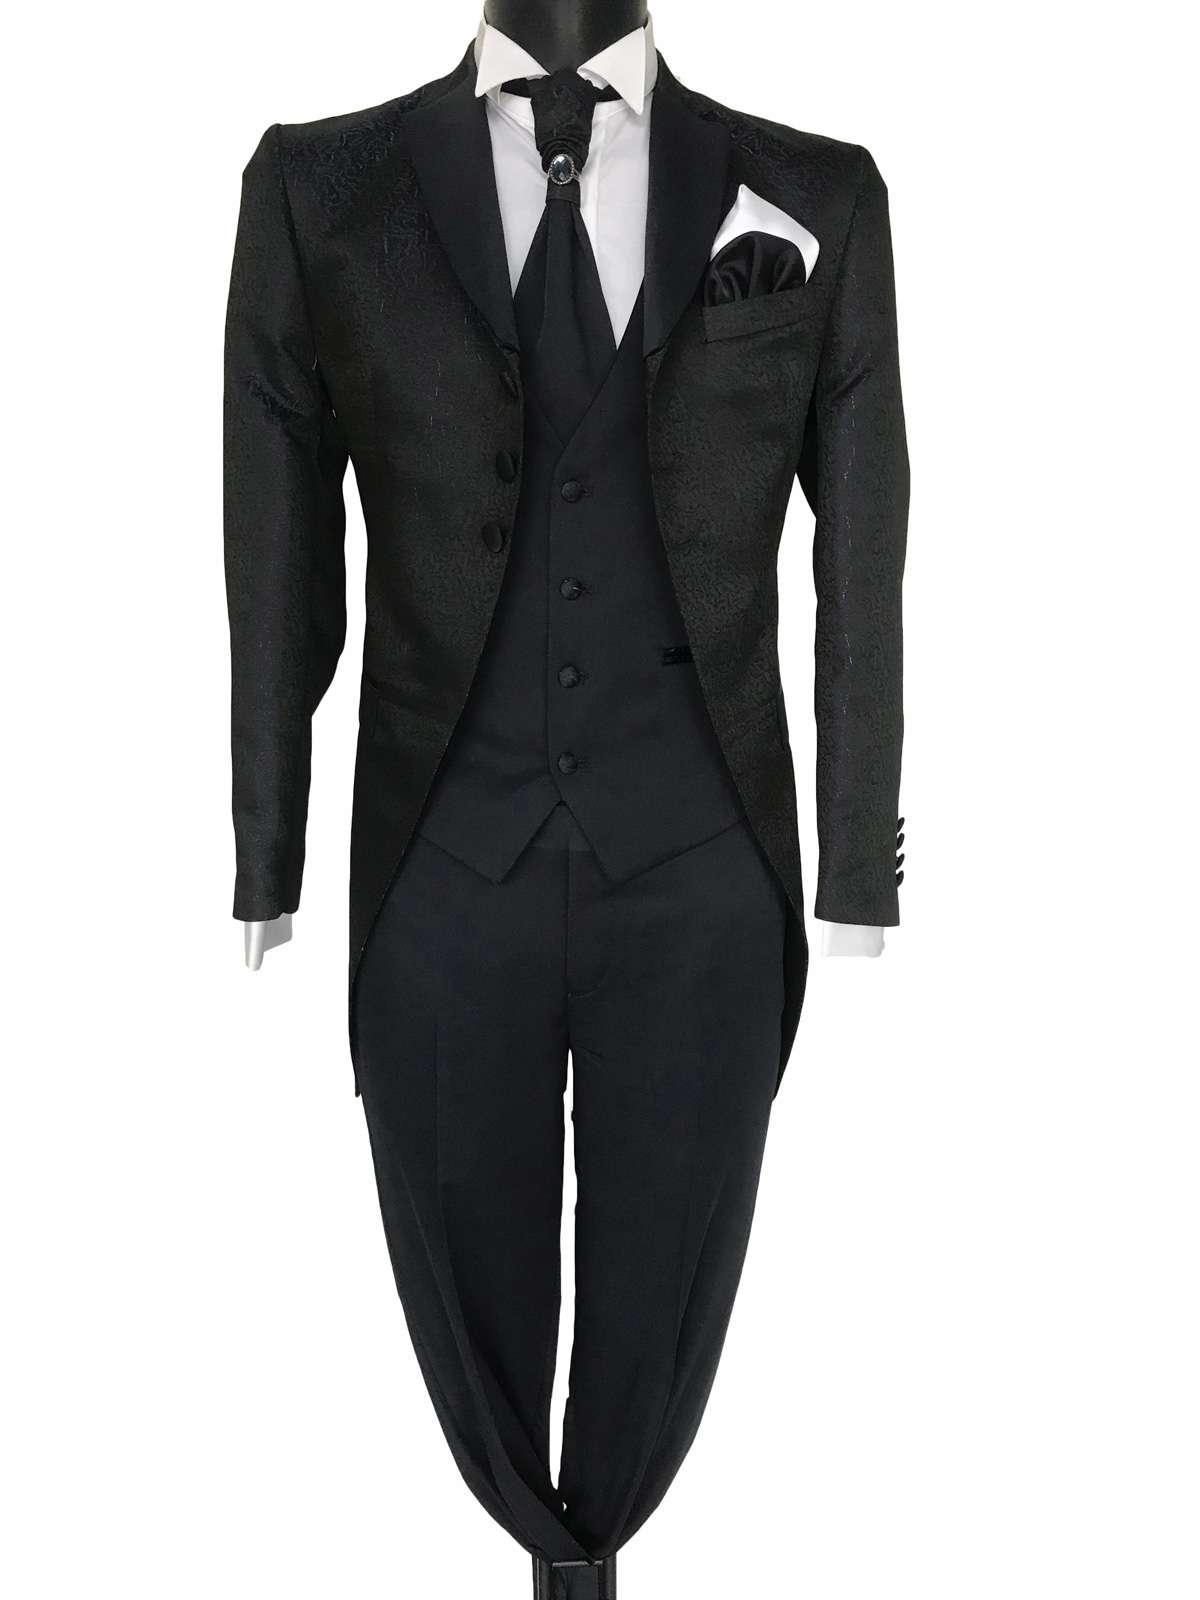 foto Abito da sposo modello Frack vestibilita slim fit 3 bottoni tessuto damascato nero Frankie